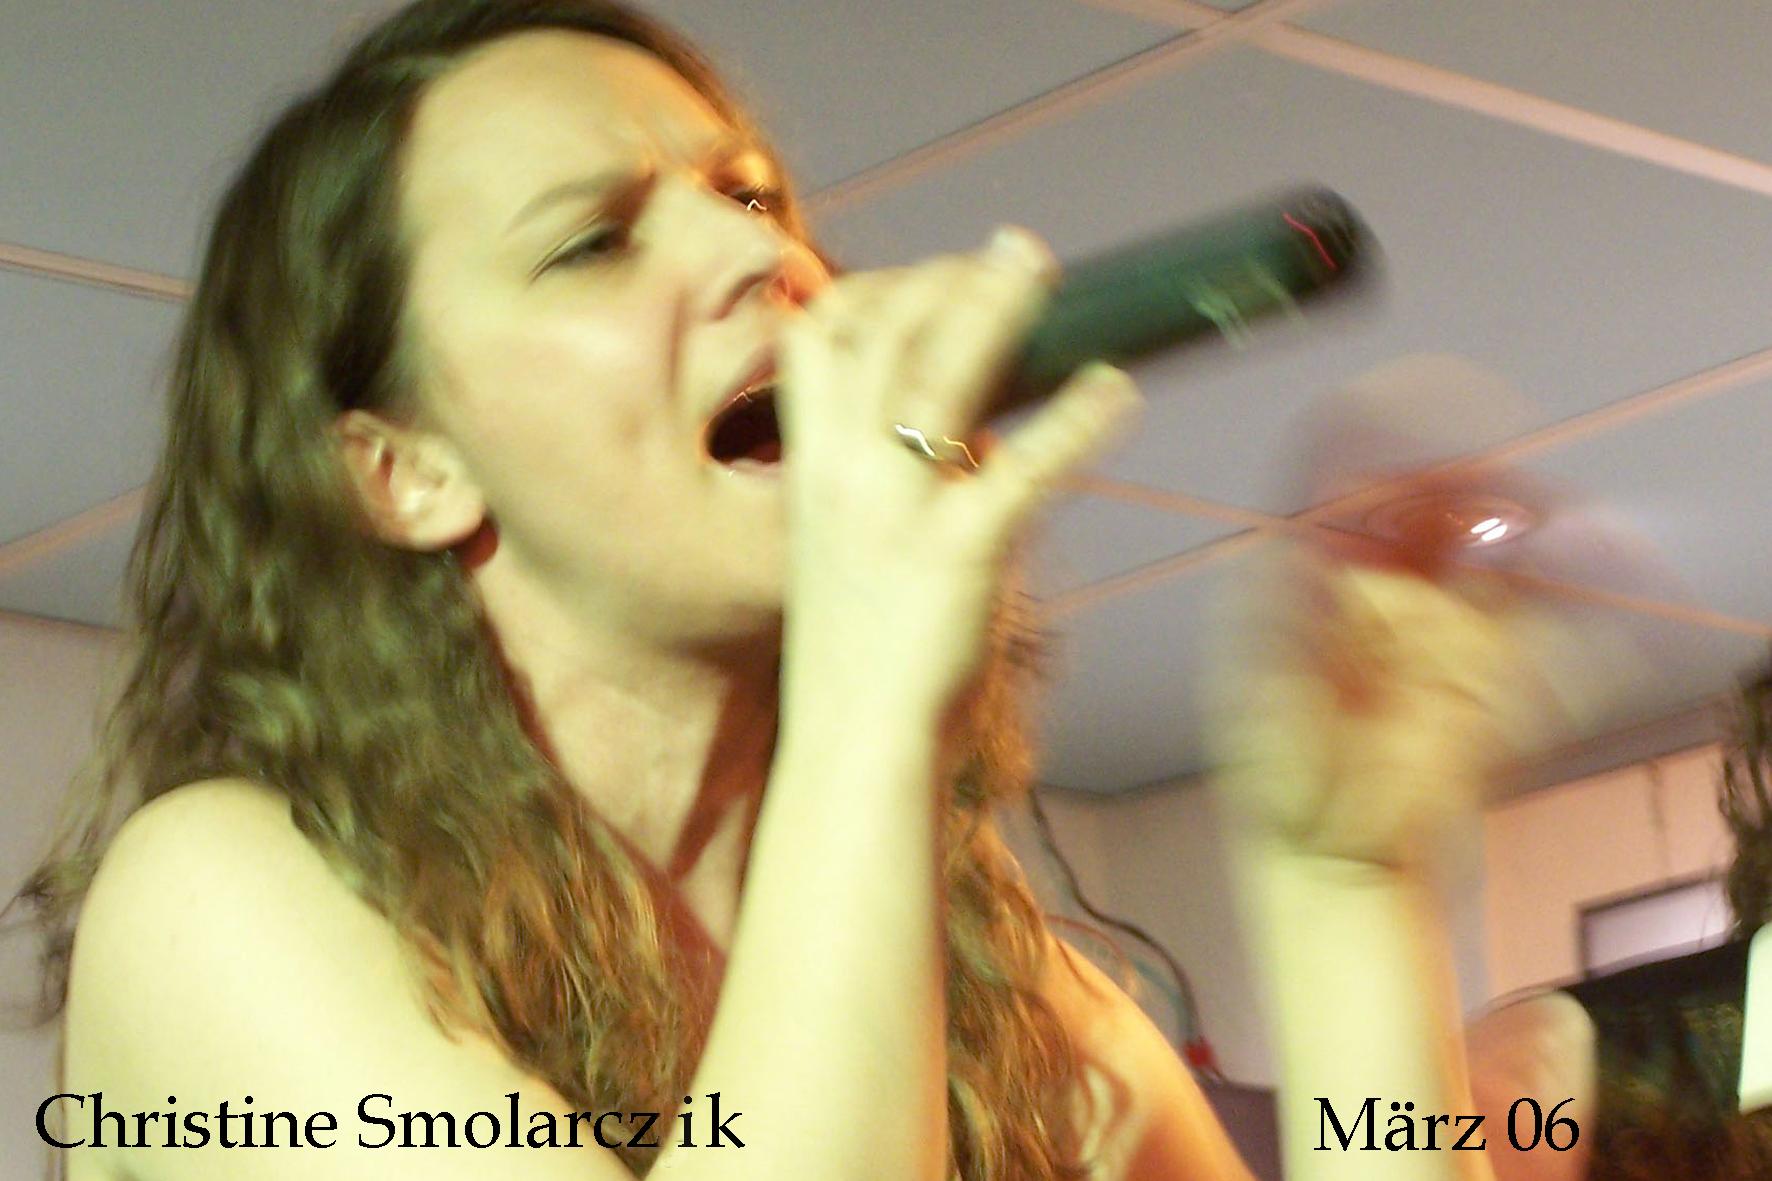 Christine Smolarczyk 2